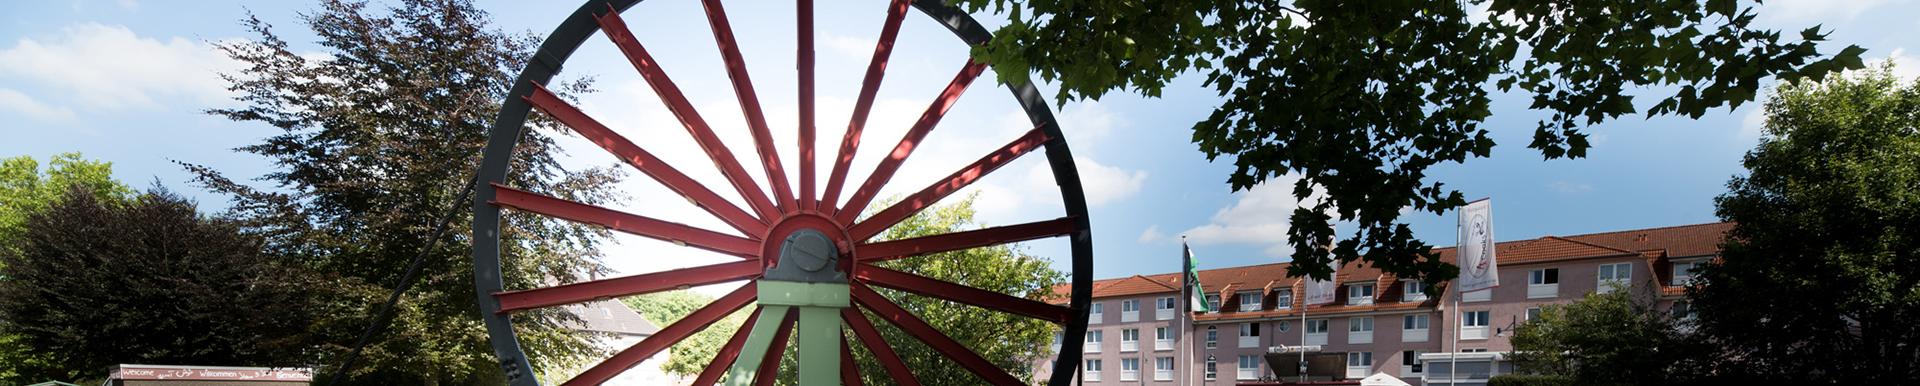 Homepage Stadt: Seilscheibe